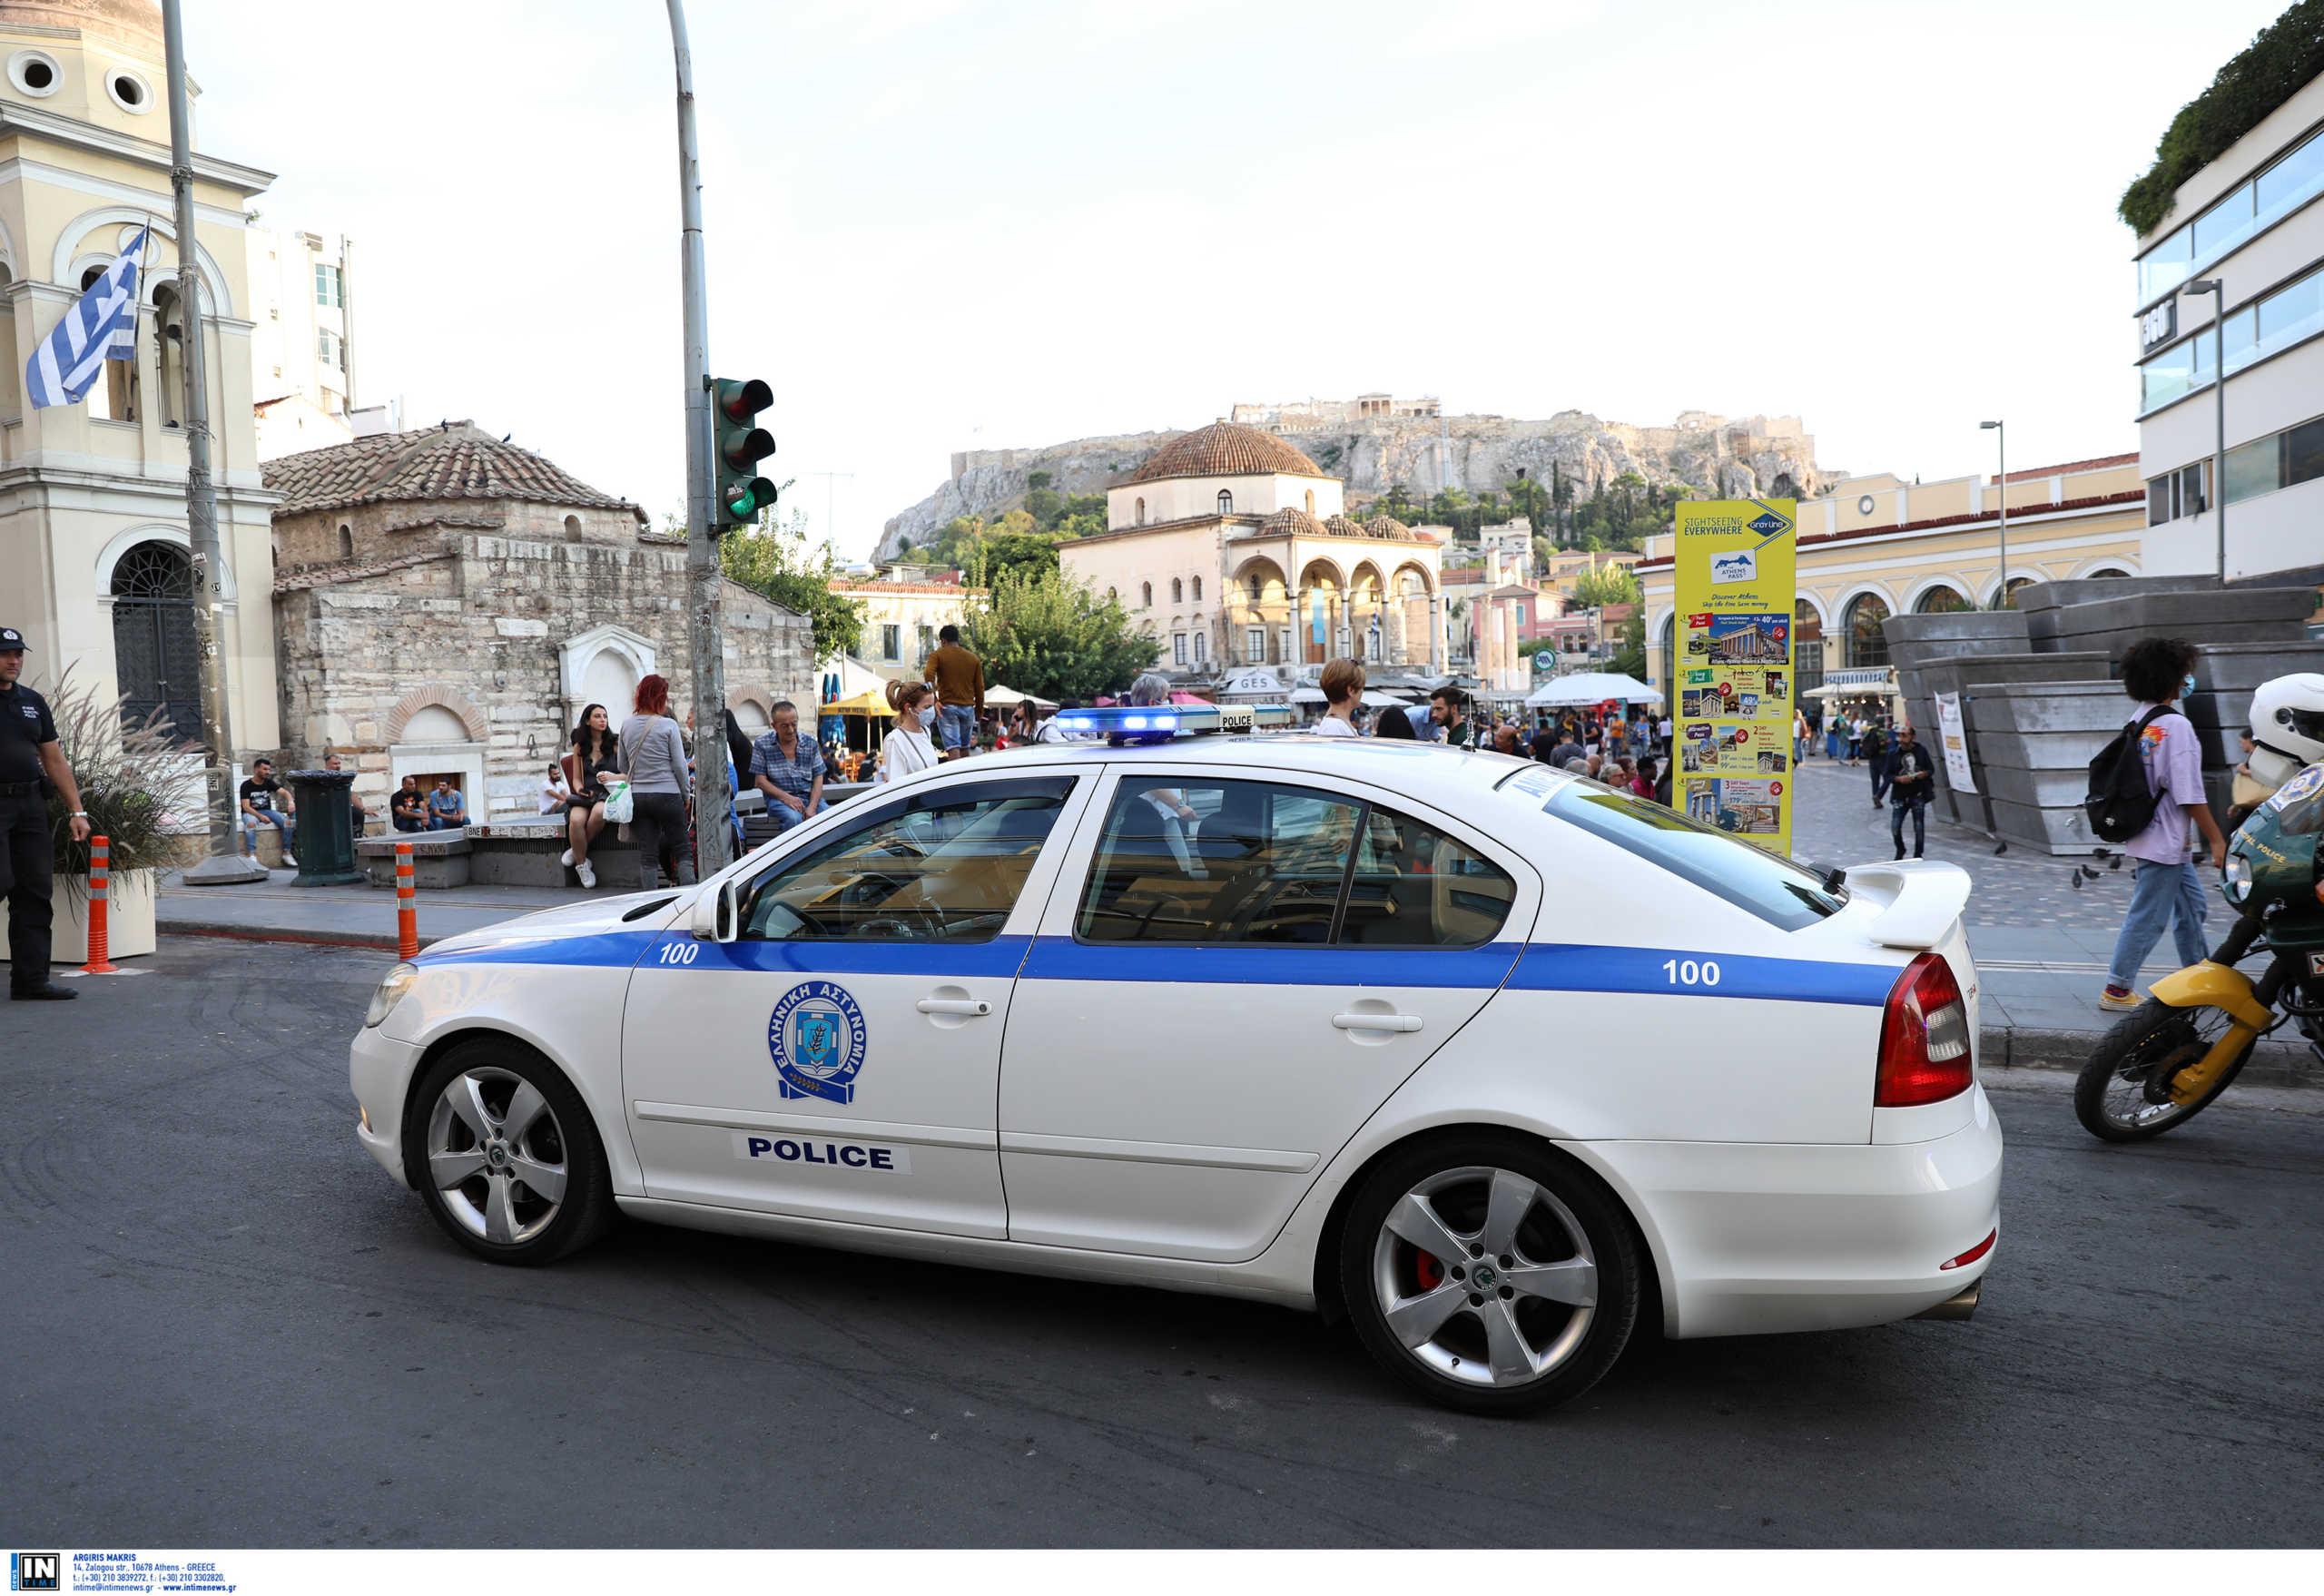 Ιδού τα μέτρα που ισχύουν σε όλη την Ελλάδα για τον περιορισμό του κορονοϊού